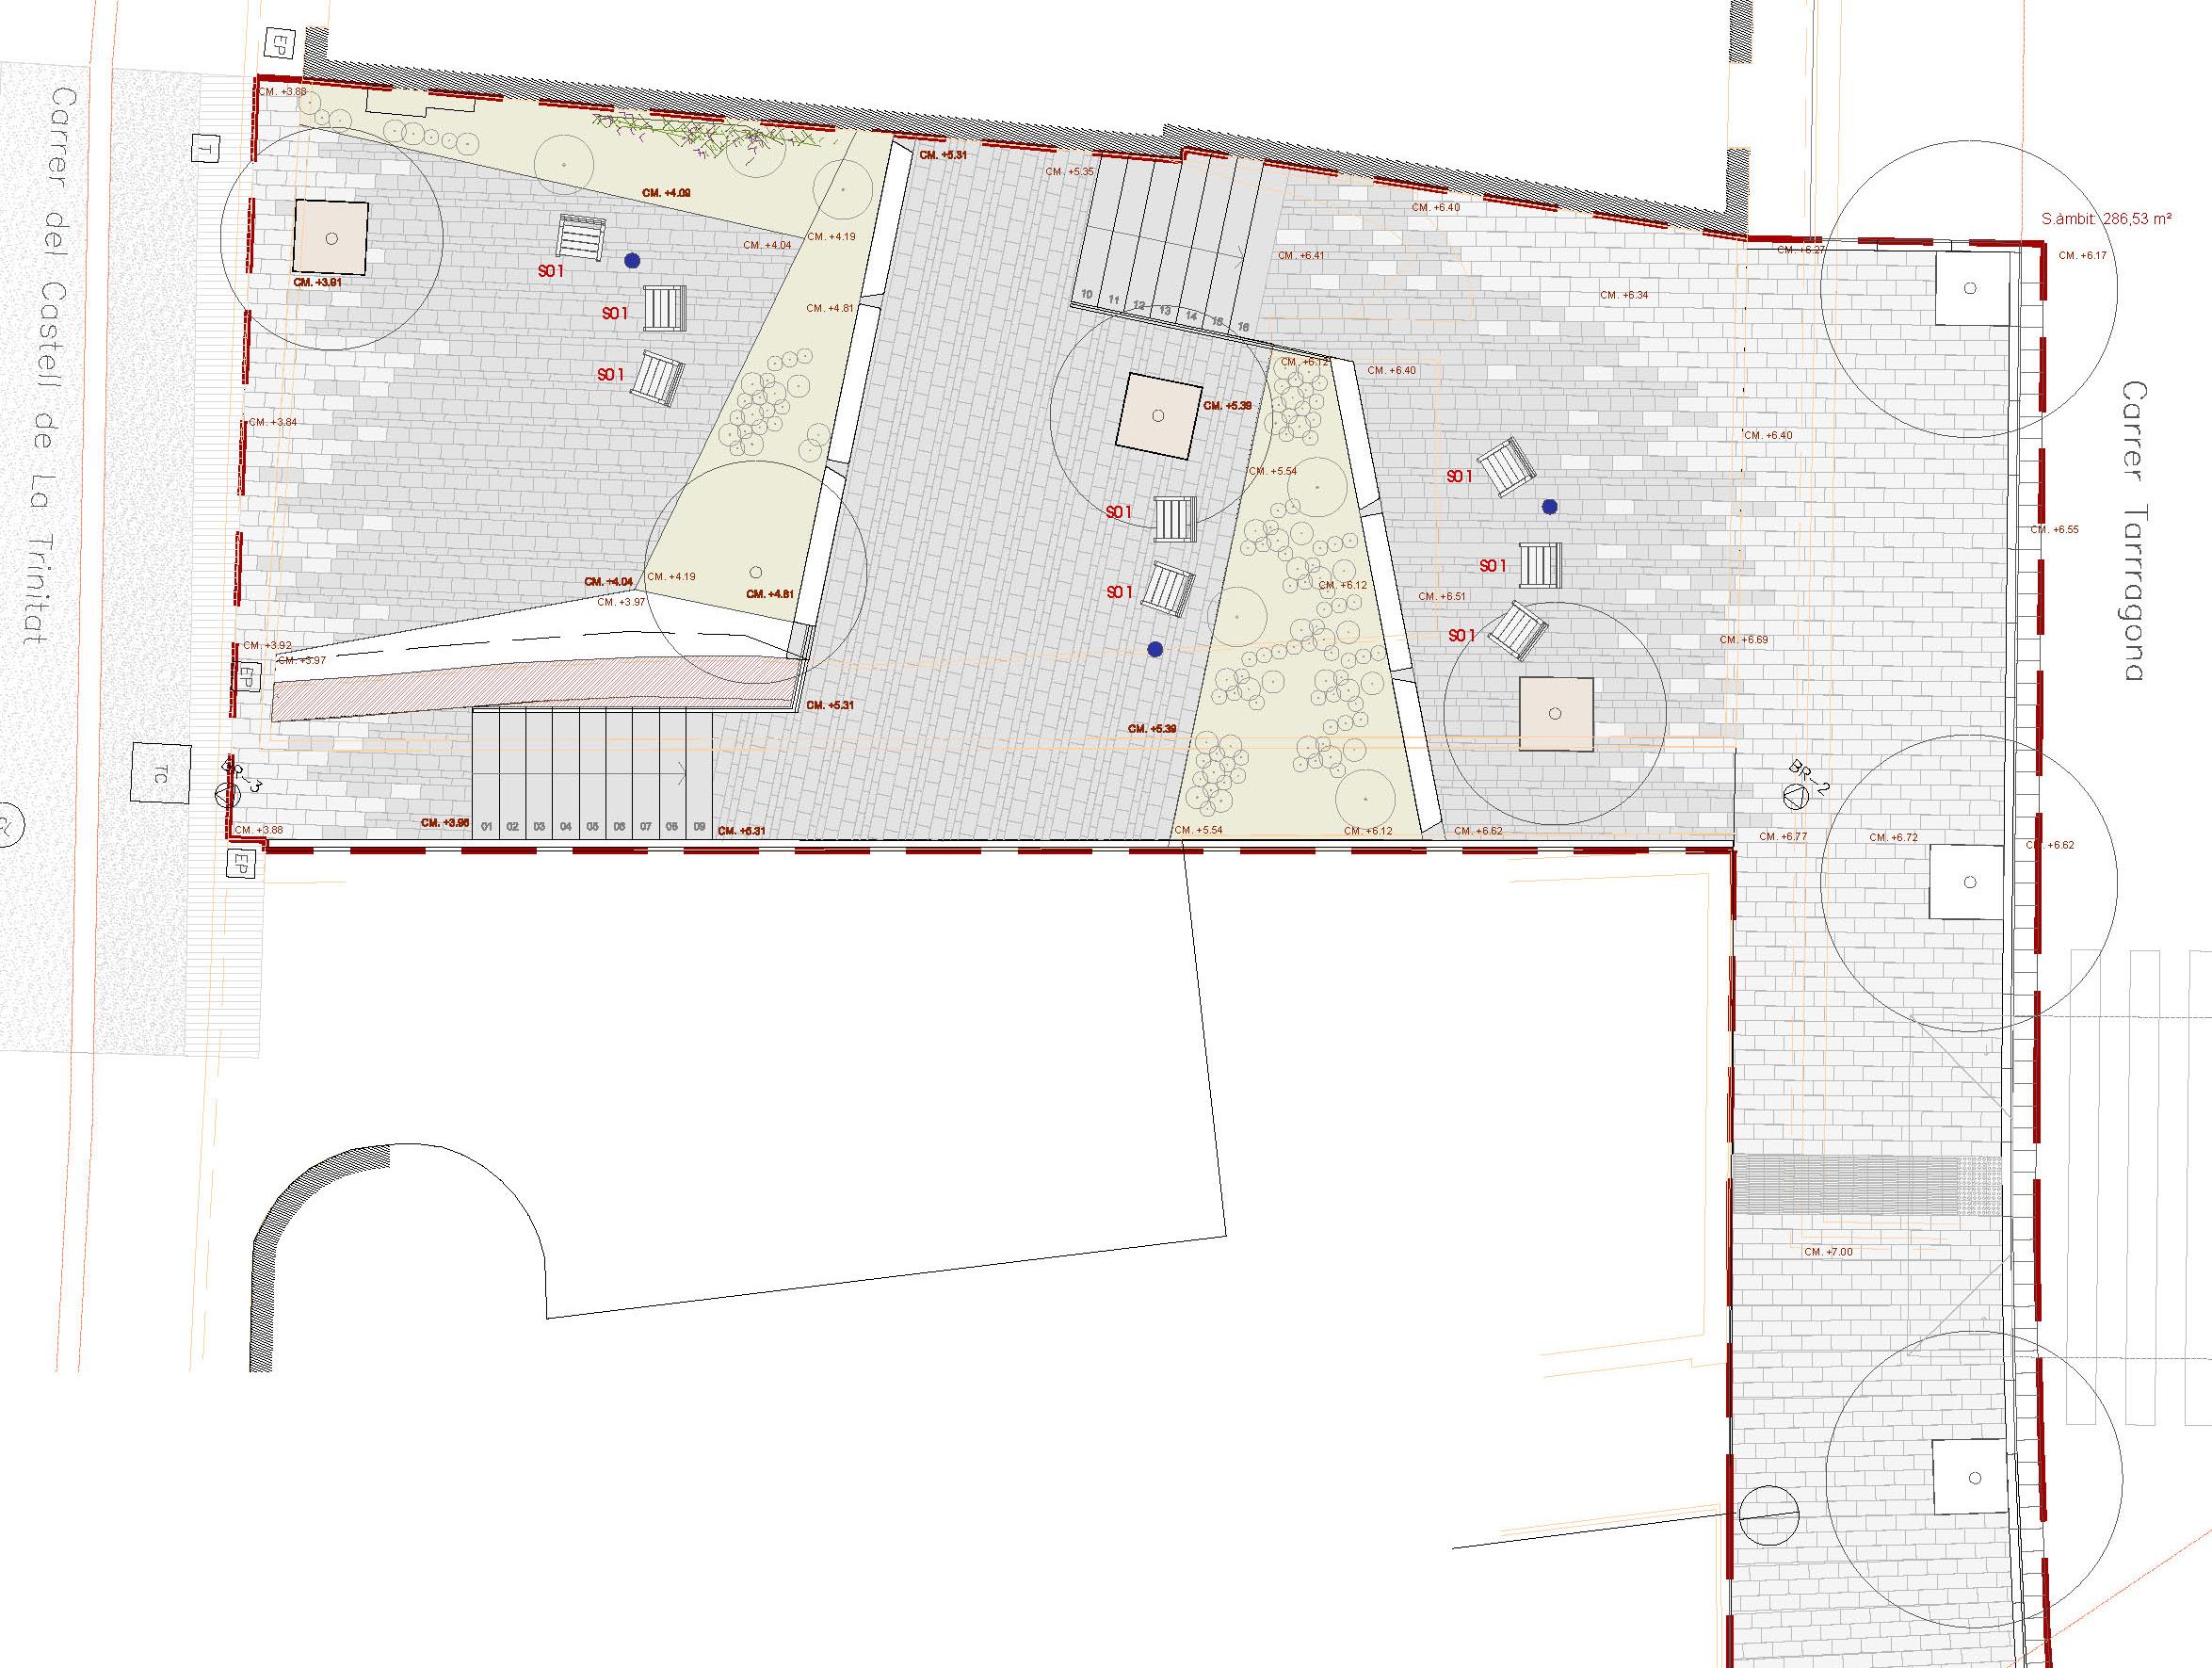 Millora urbana del nucli de Roses amb connexió per a vianants entre els carrers Tarragona i Trinitat